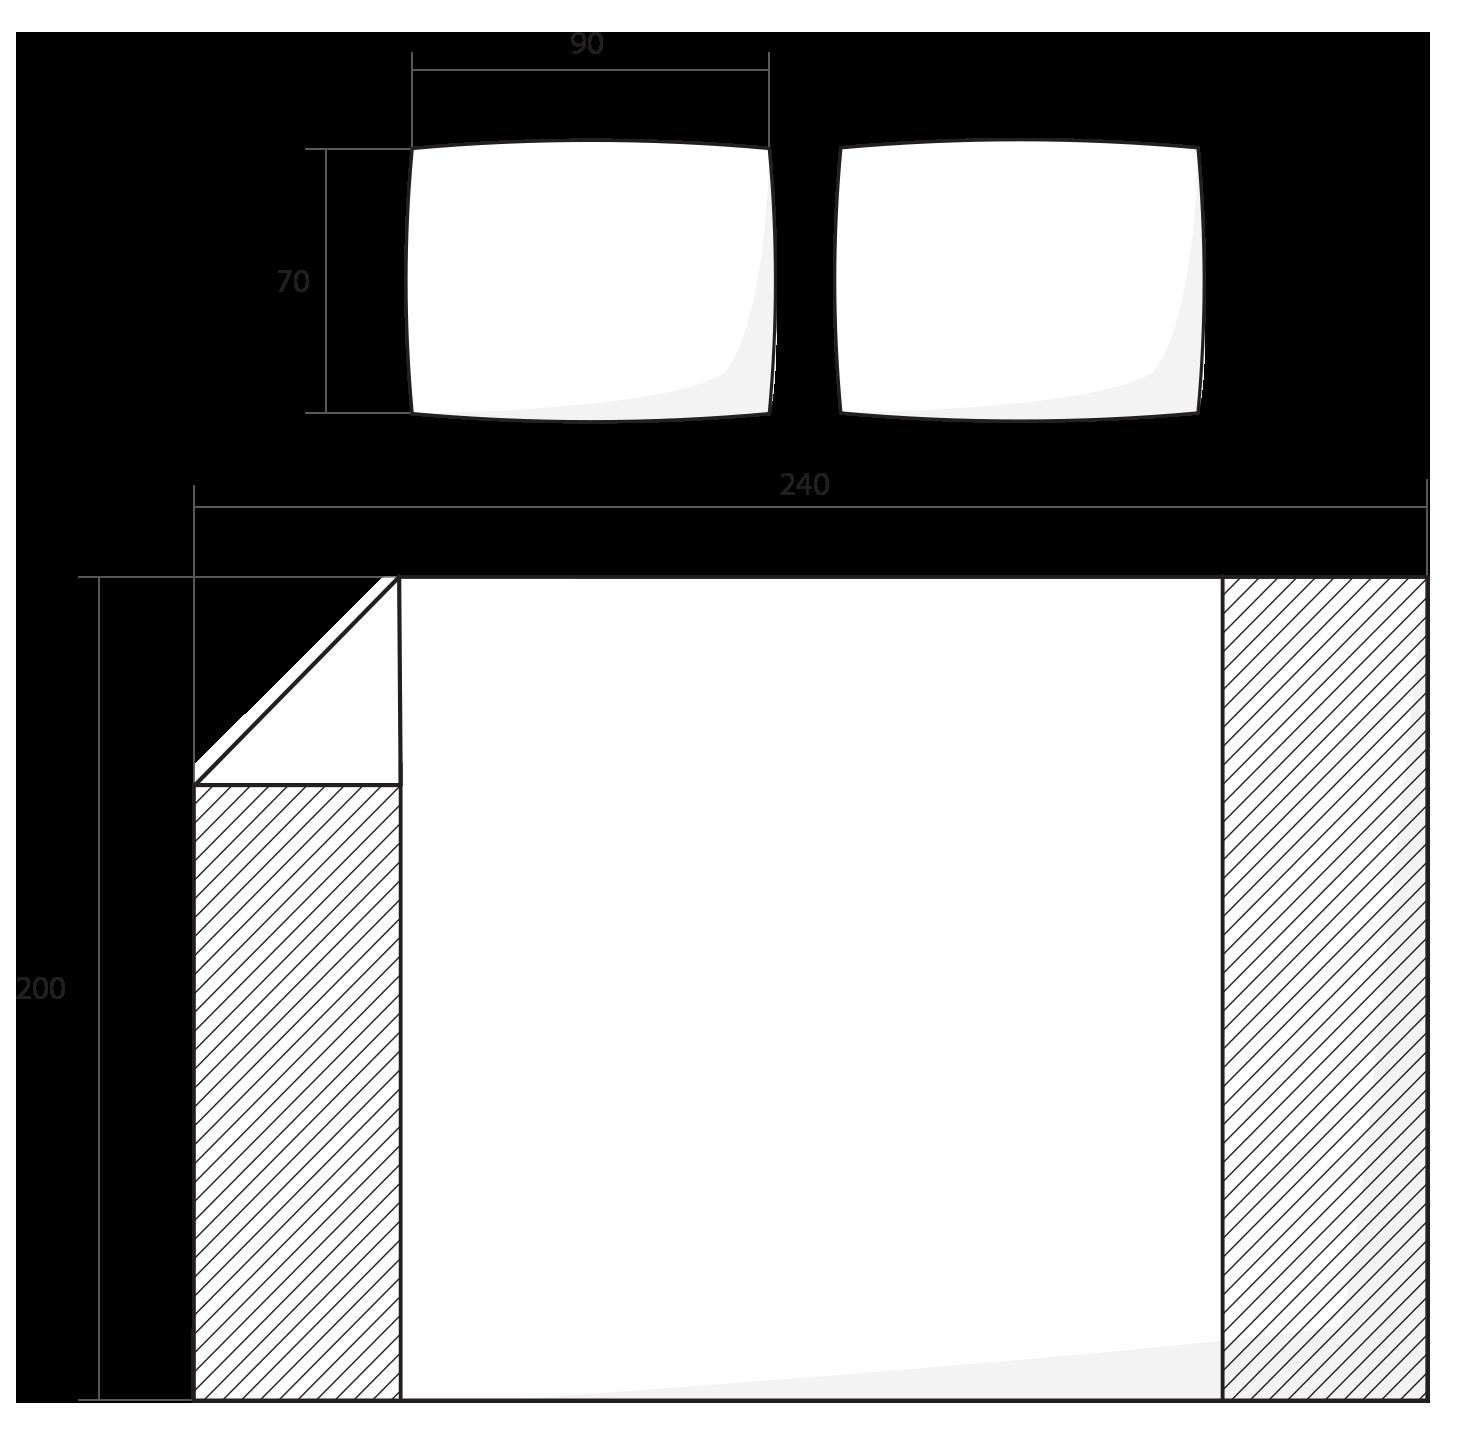 ilustrace francouzské povlečení 240x200